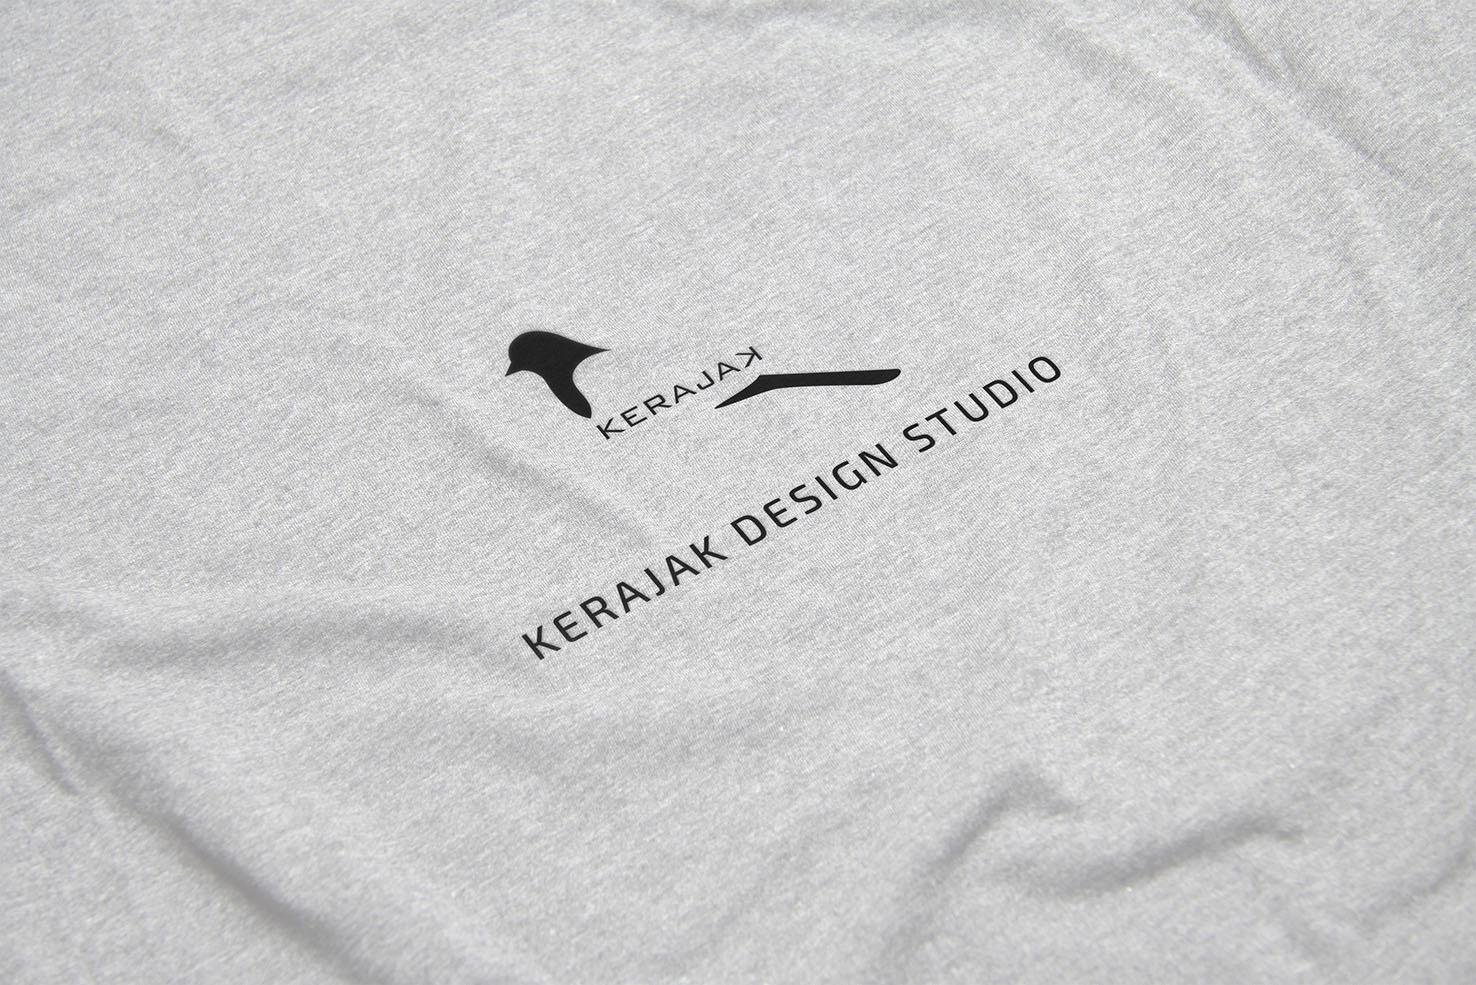 نمونه طراحی لوگوهای منطراحی لوگو برای استودیو طراحی جواهر دست ساز - کراجک نام پرنده ایست در استان کرمان